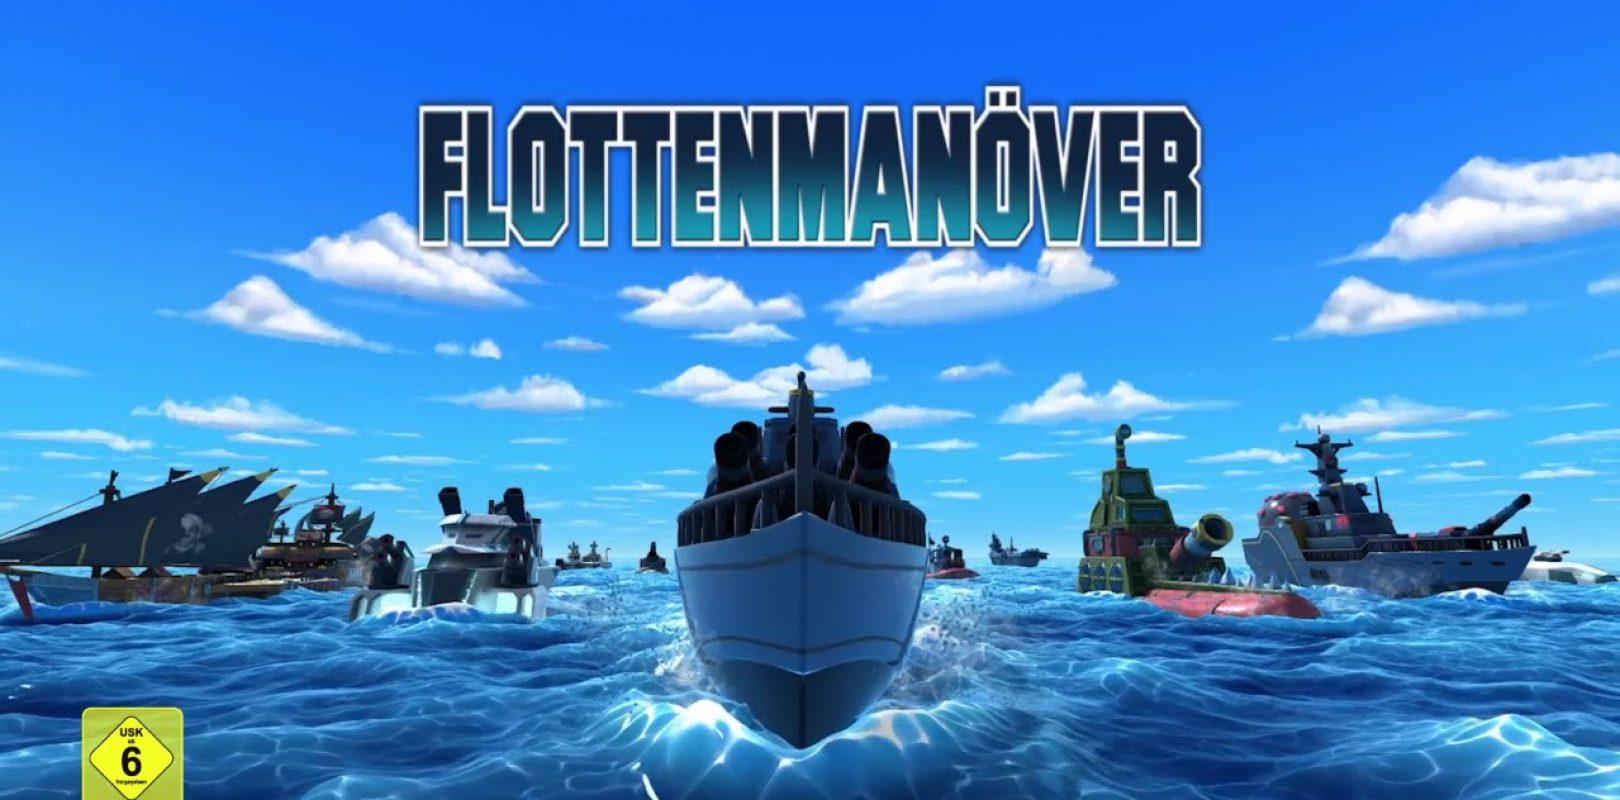 """Flottenmanöver - Das """"schiffe Versenken"""" Im Test - Mde Gaming bei Flottenmanöver Online"""